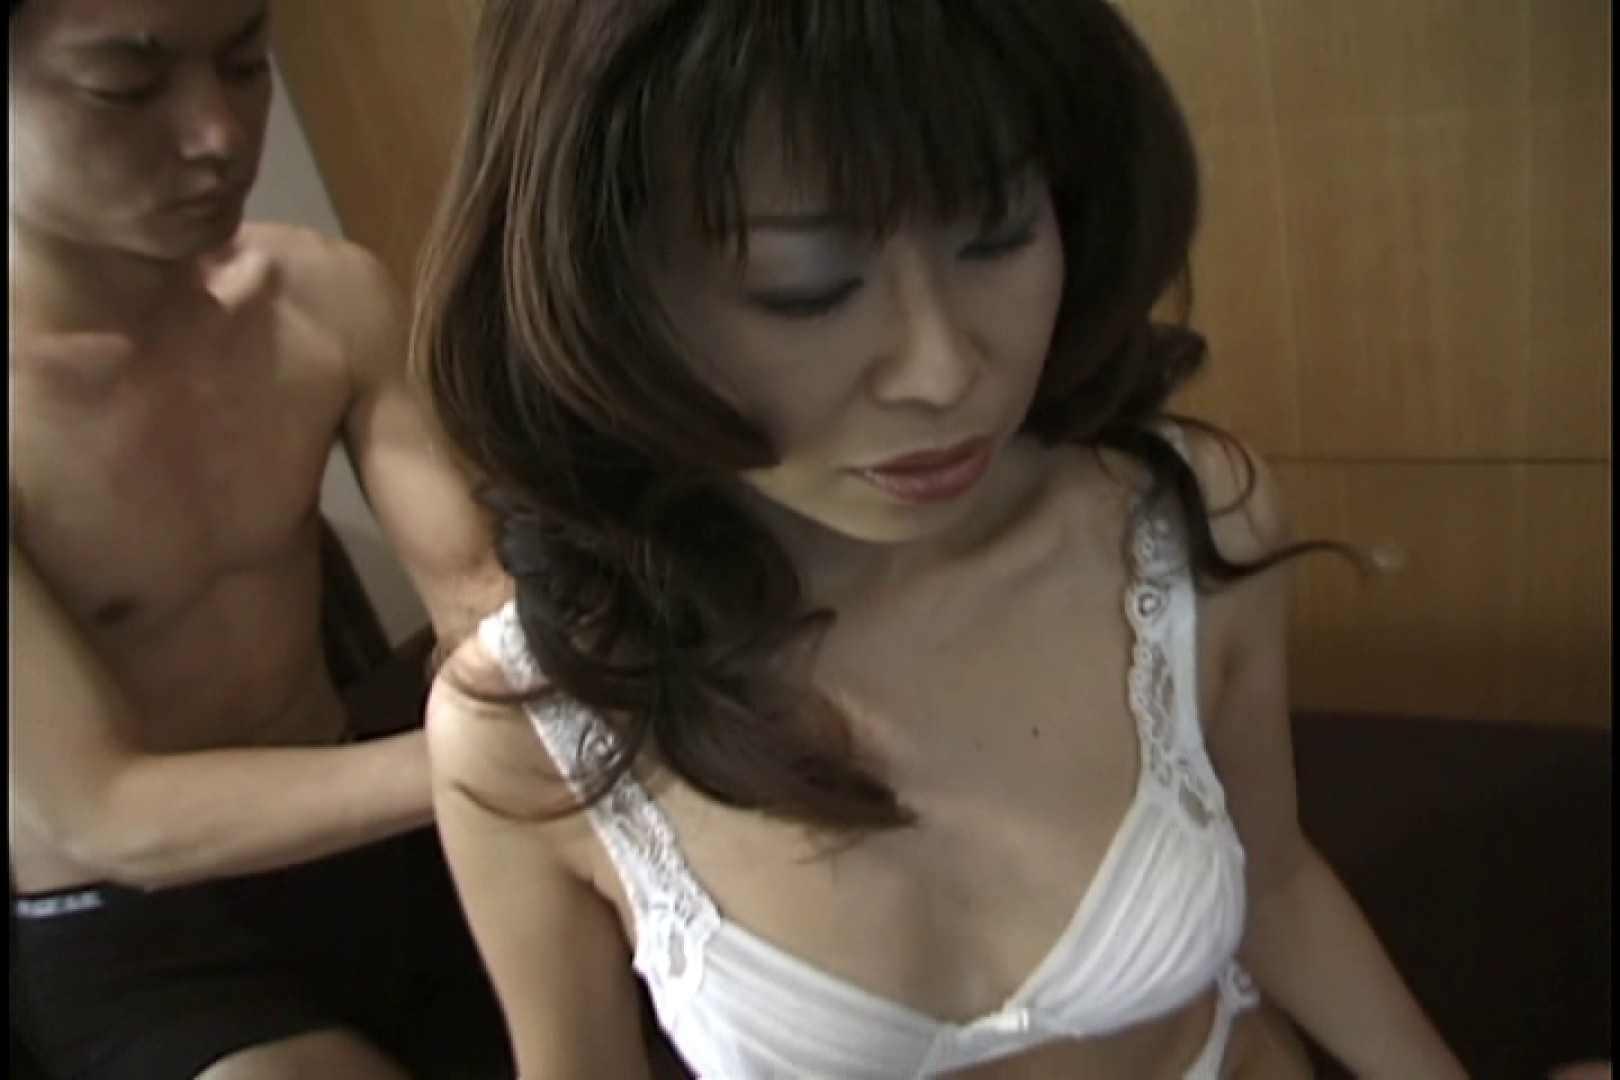 昼間の奥様は欲求不満 ~川島ゆり子~ ギャルのおっぱい | 乳首  95連発 13